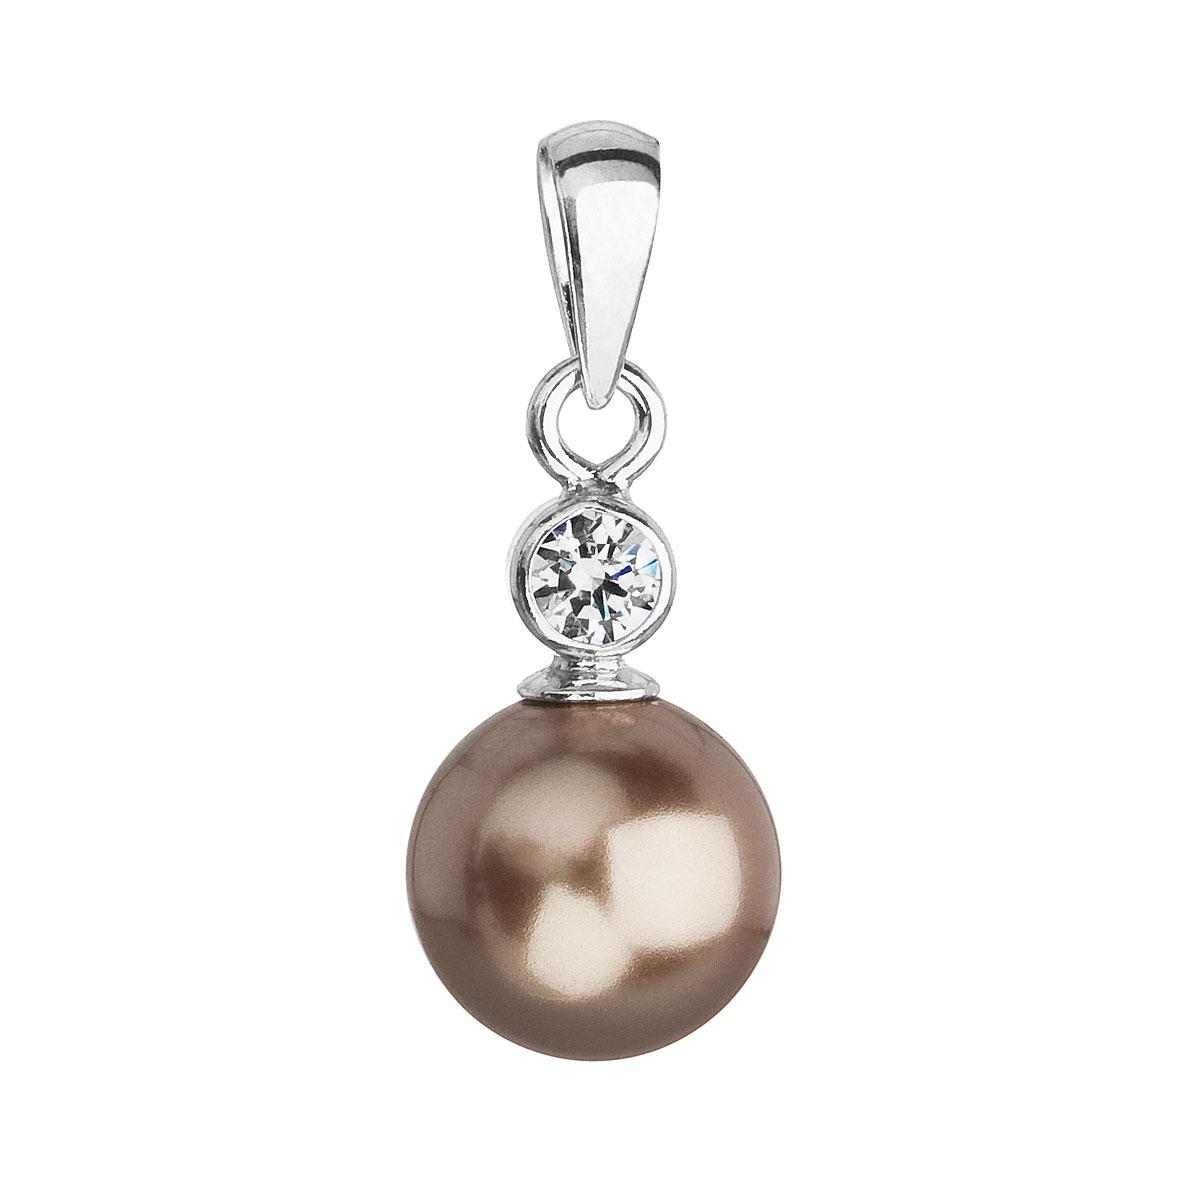 Evolution Group Stříbrný přívěsek s krystalem Swarovski a hnědou kulatou perlou 34201.3, dárkové balení